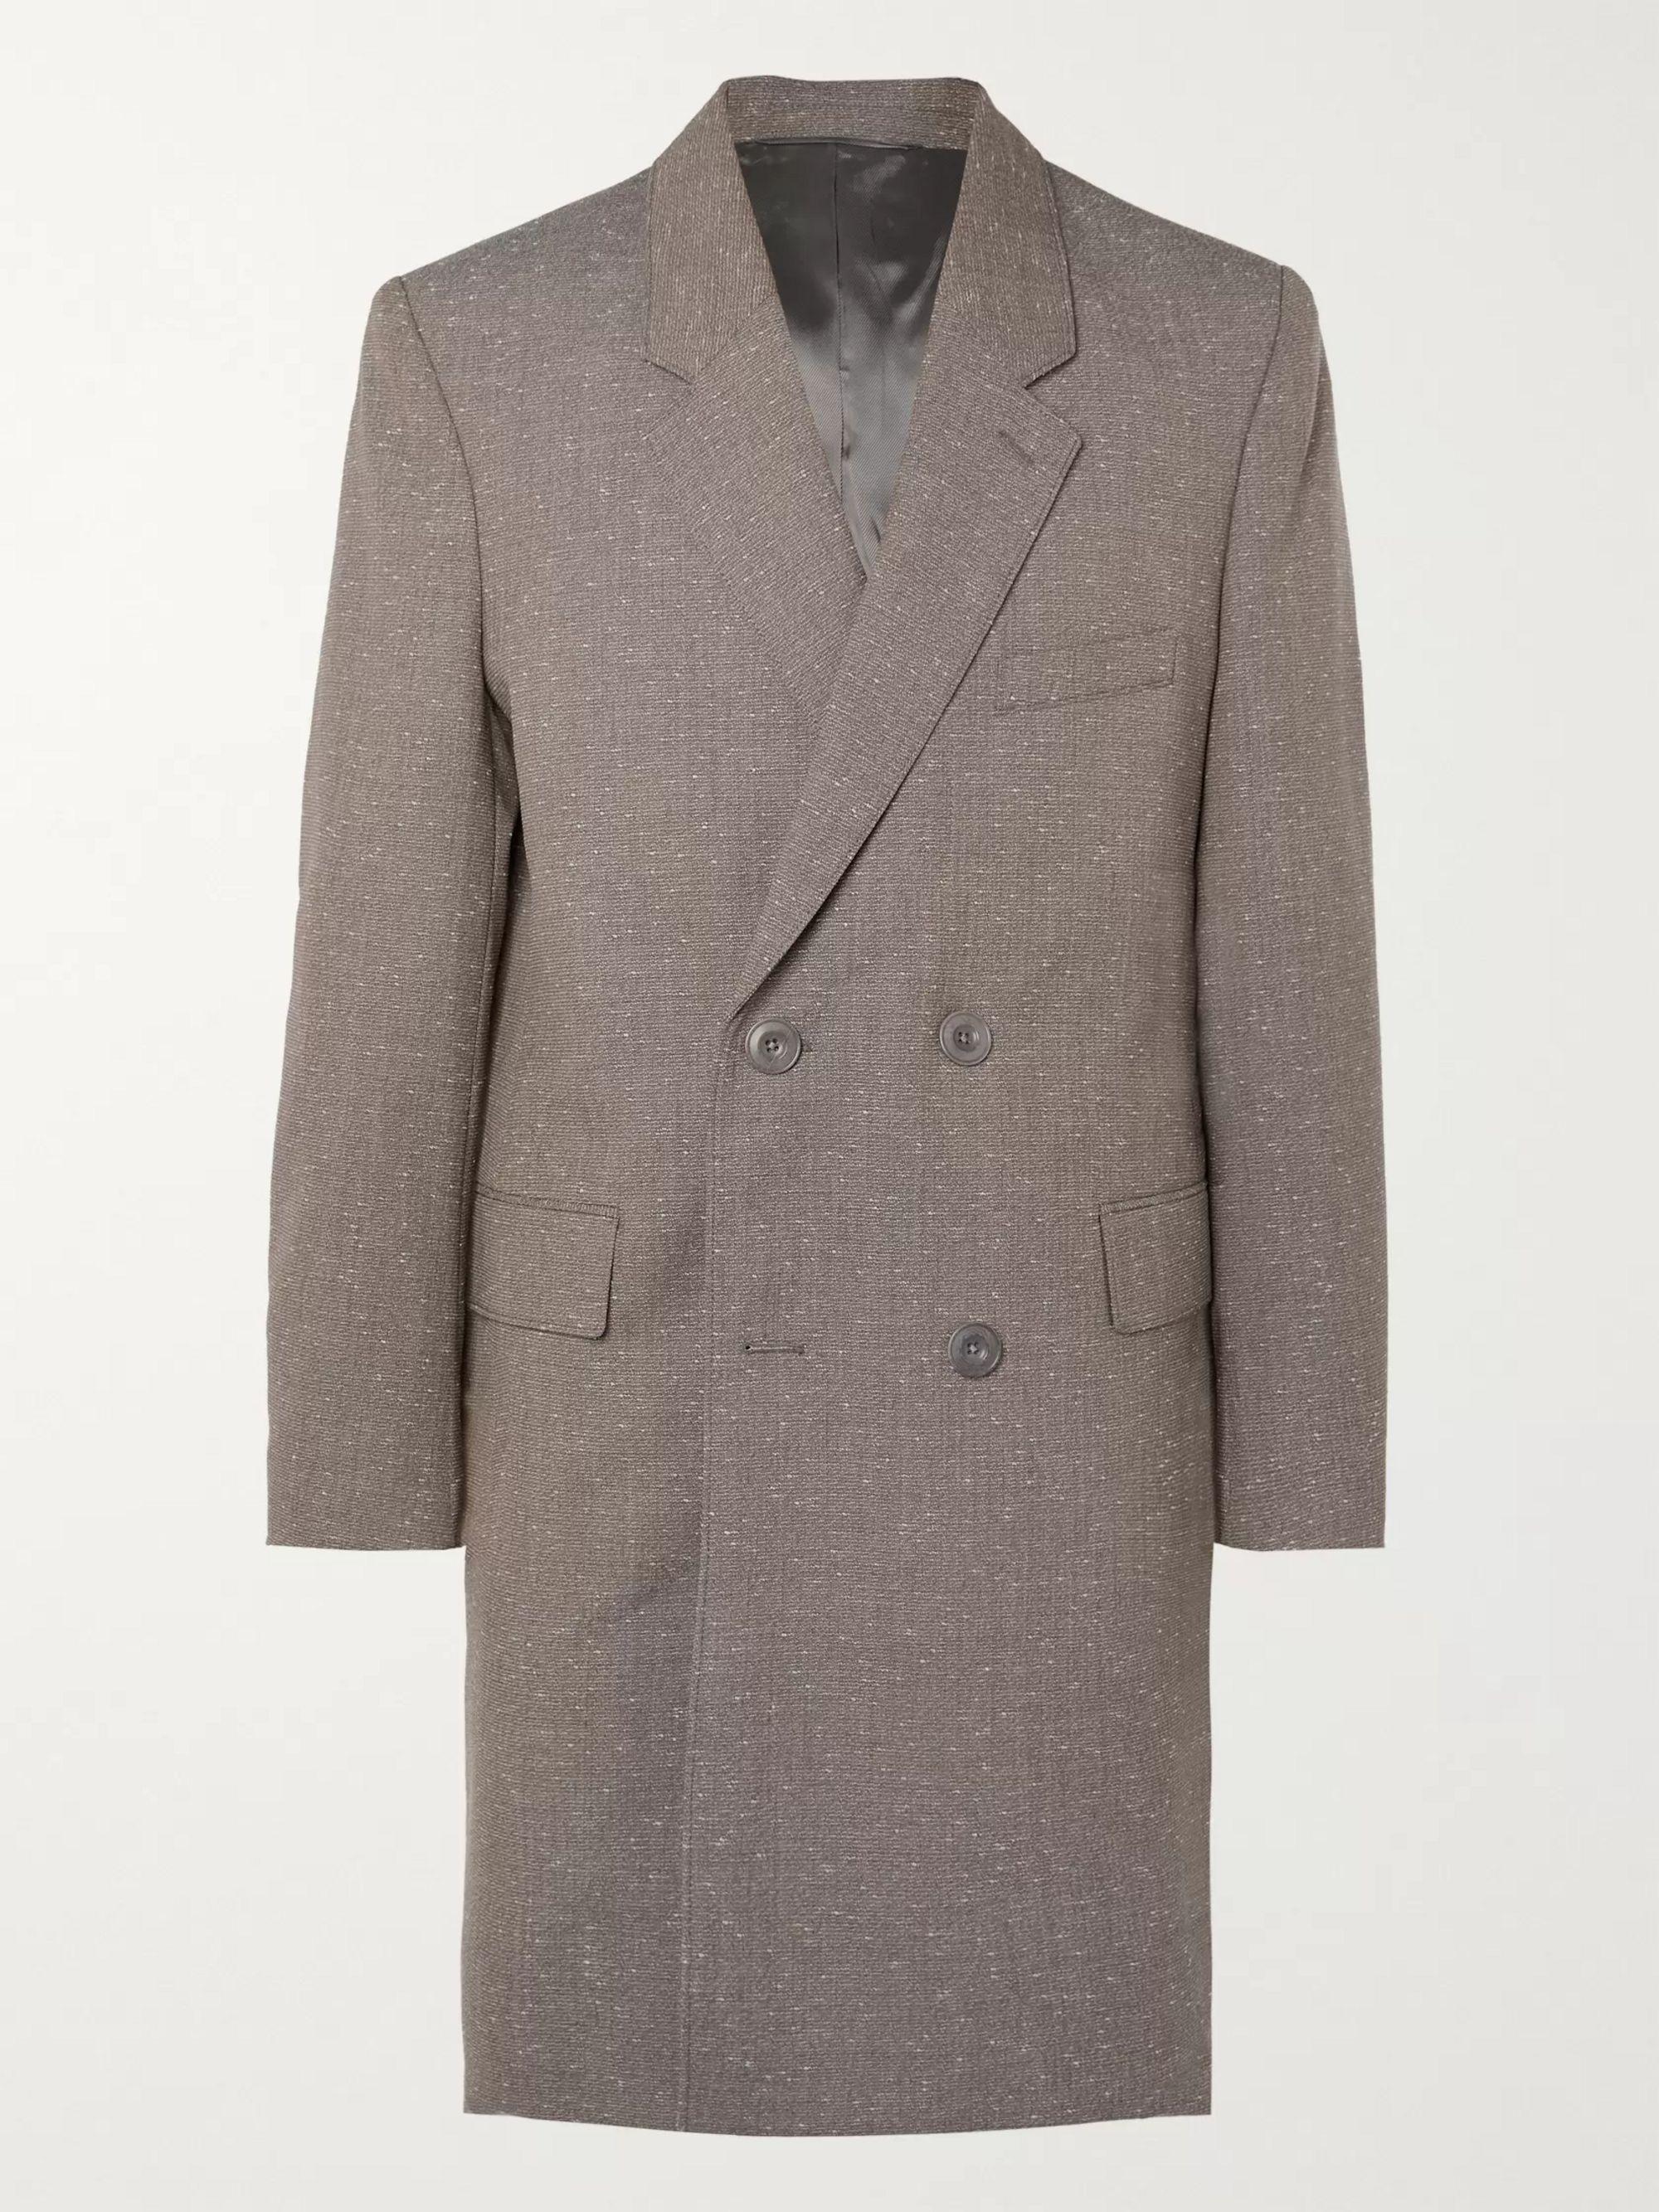 르메르 Lemaire Gray Melange Virgin Wool-Blend Double-Breasted Overcoat,Gray